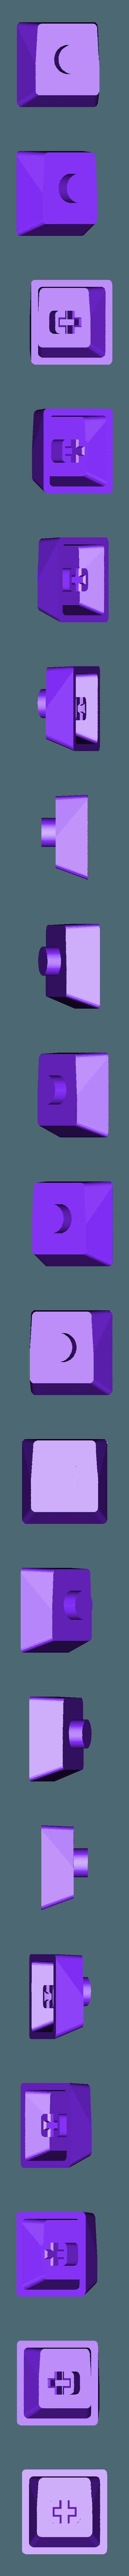 Pac-Man_-_Small_Dot.stl Télécharger fichier STL gratuit Pac-Man Cherry MX Keycaps • Objet à imprimer en 3D, FedorSosnin